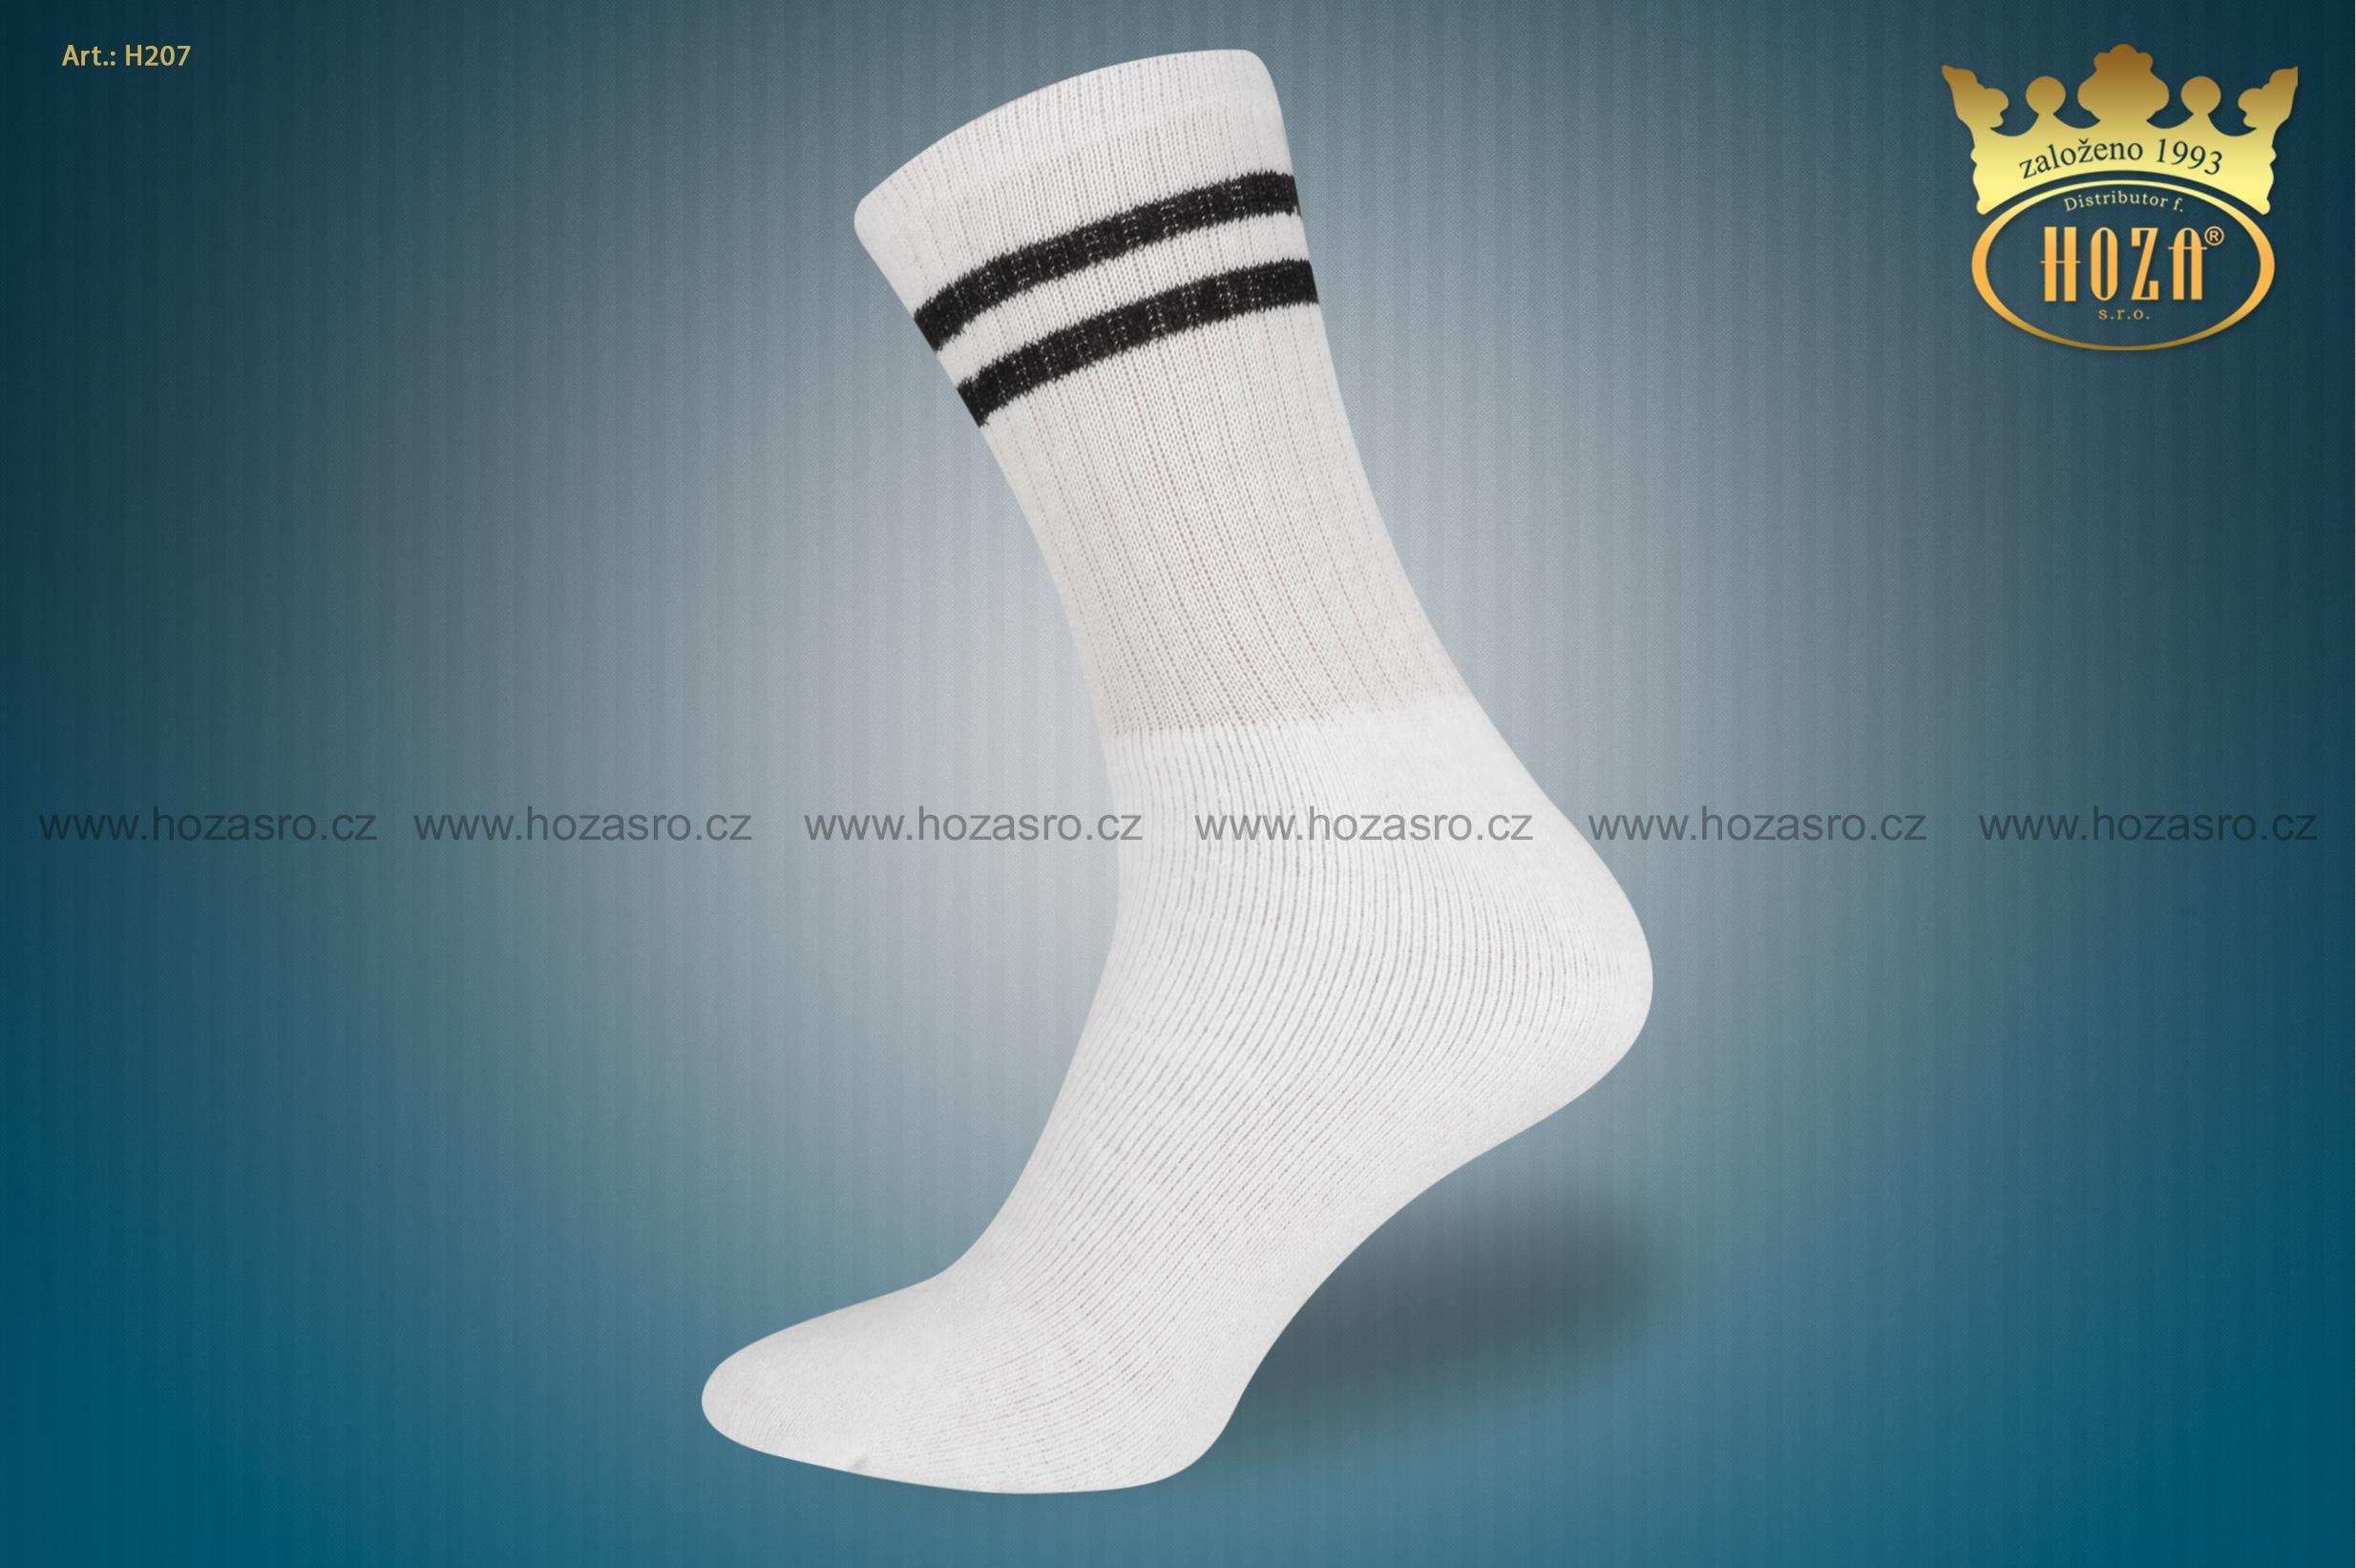 60bfbc5d027 H207 Dámské froté ponožky HOZA po 5 ks proužky. otevřít v maximálním  rozlišení